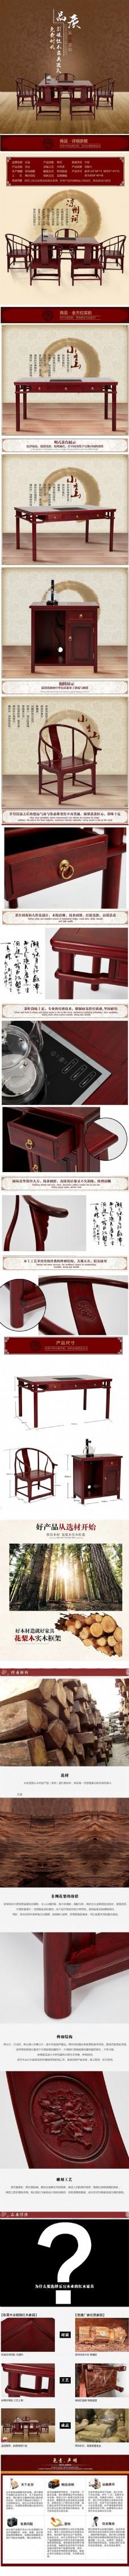 茶桌套组 圈椅 红木家具详情描述设计爆款